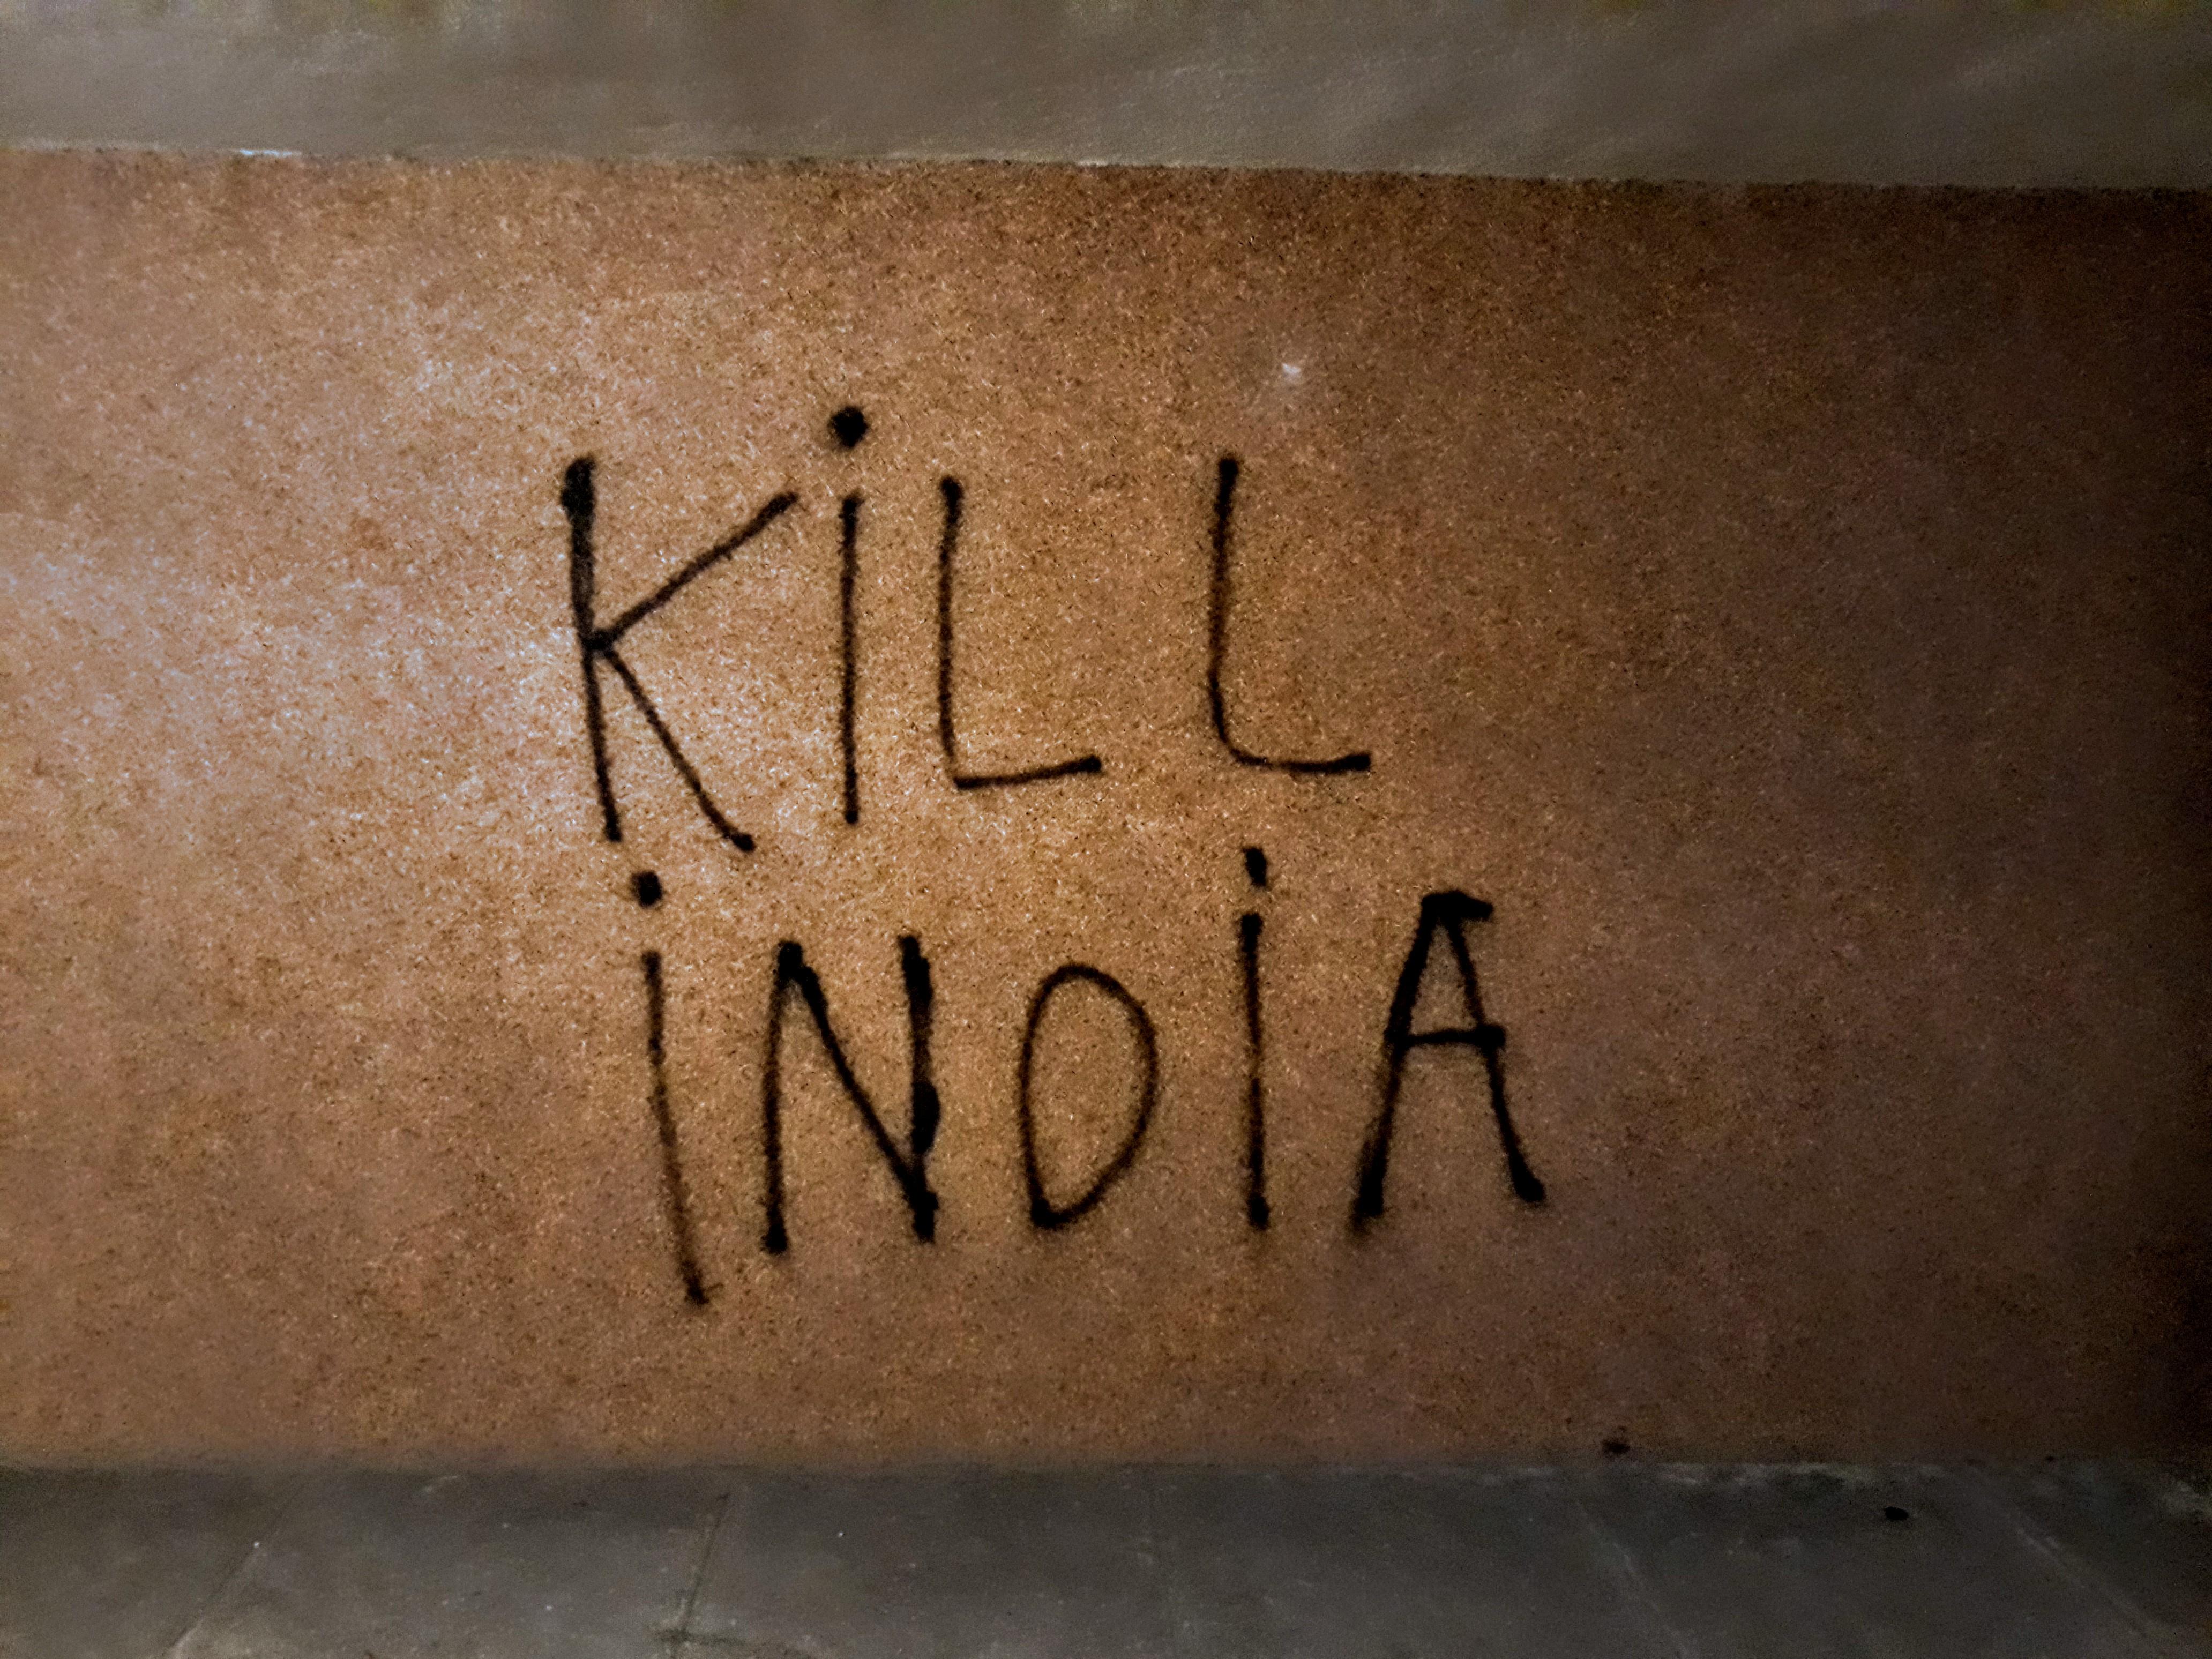 kill india, fot. Przemysław Witkowski